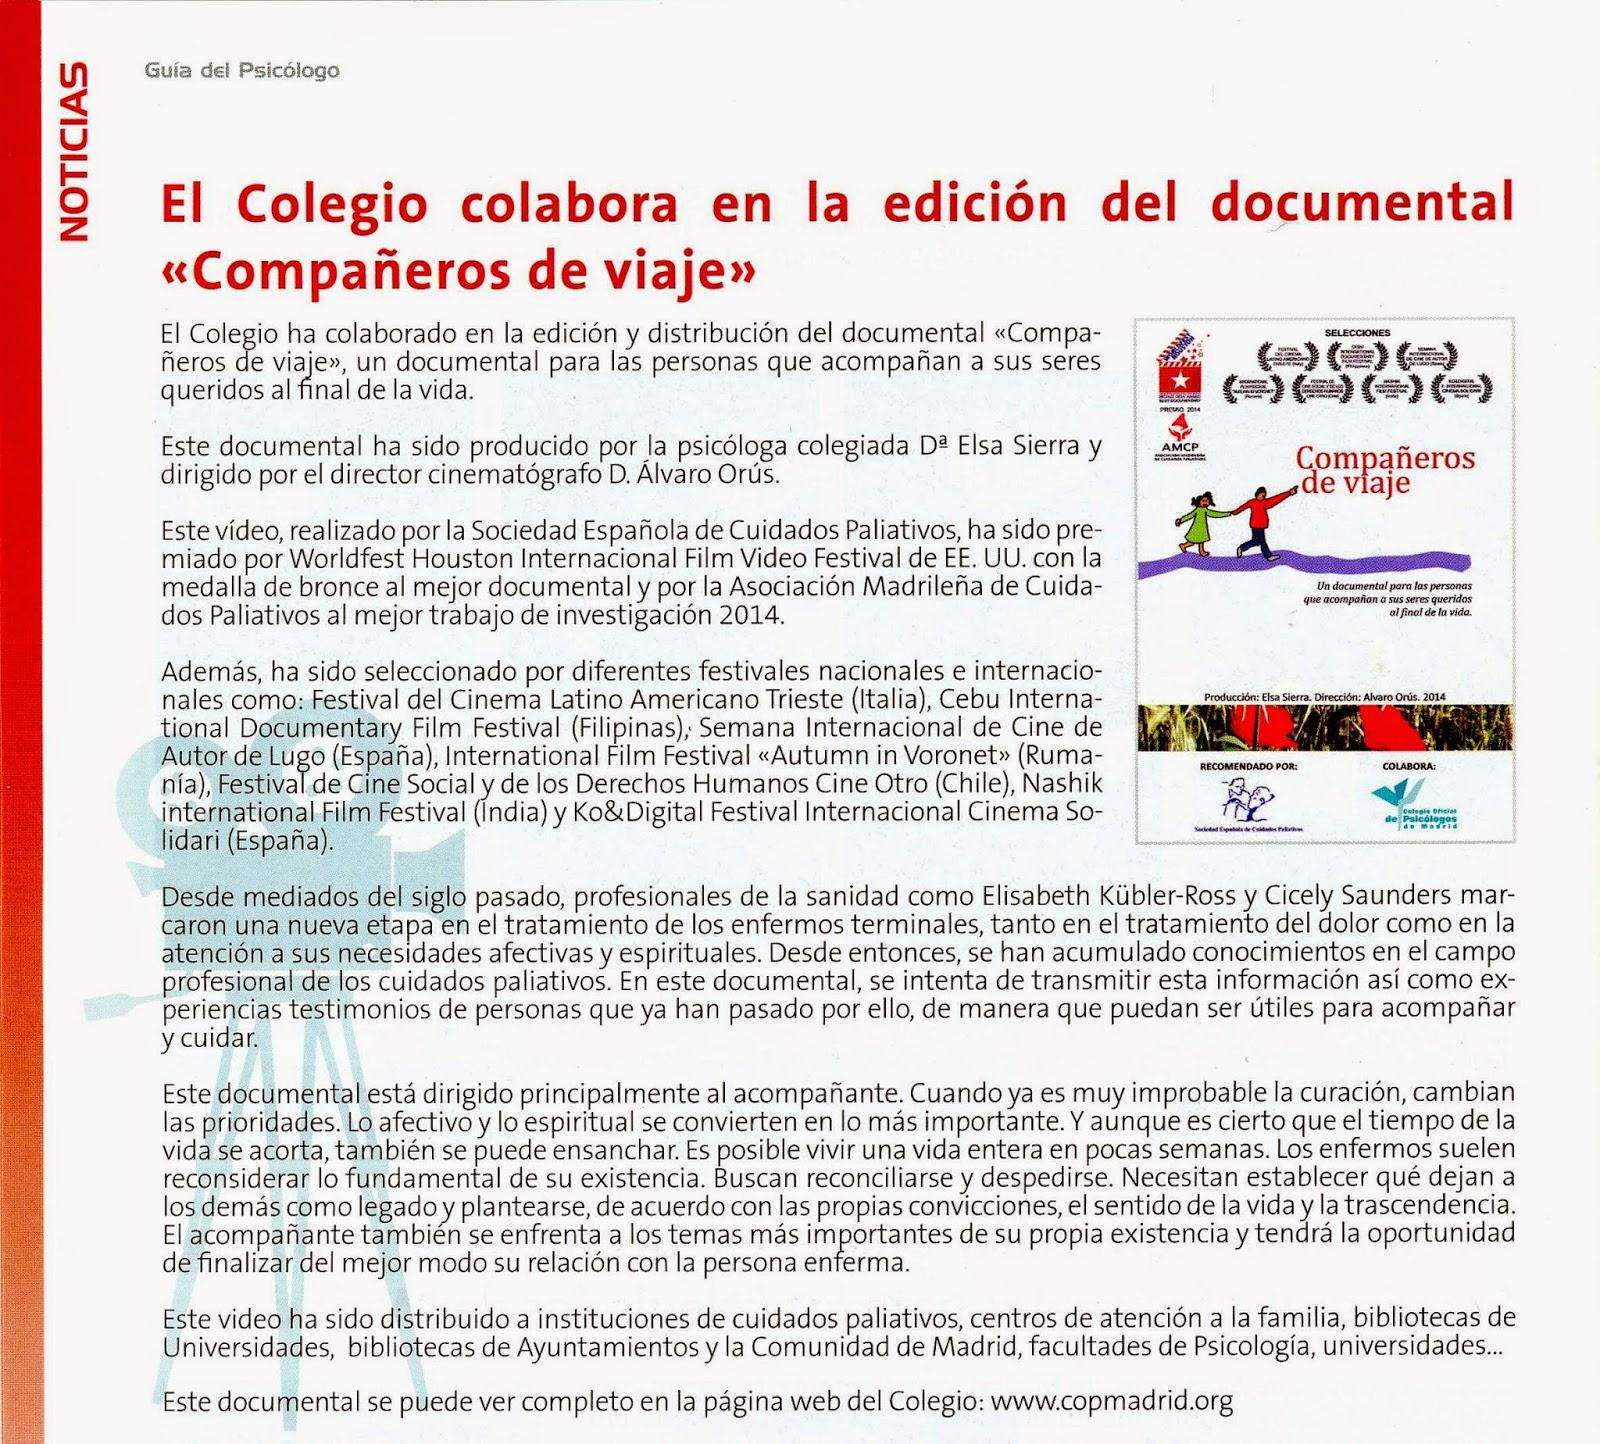 http://www.copmadrid.org/web/comunicacion/noticias/101/el-colegio-colabora-la-edicion-documental-companeros-viaje